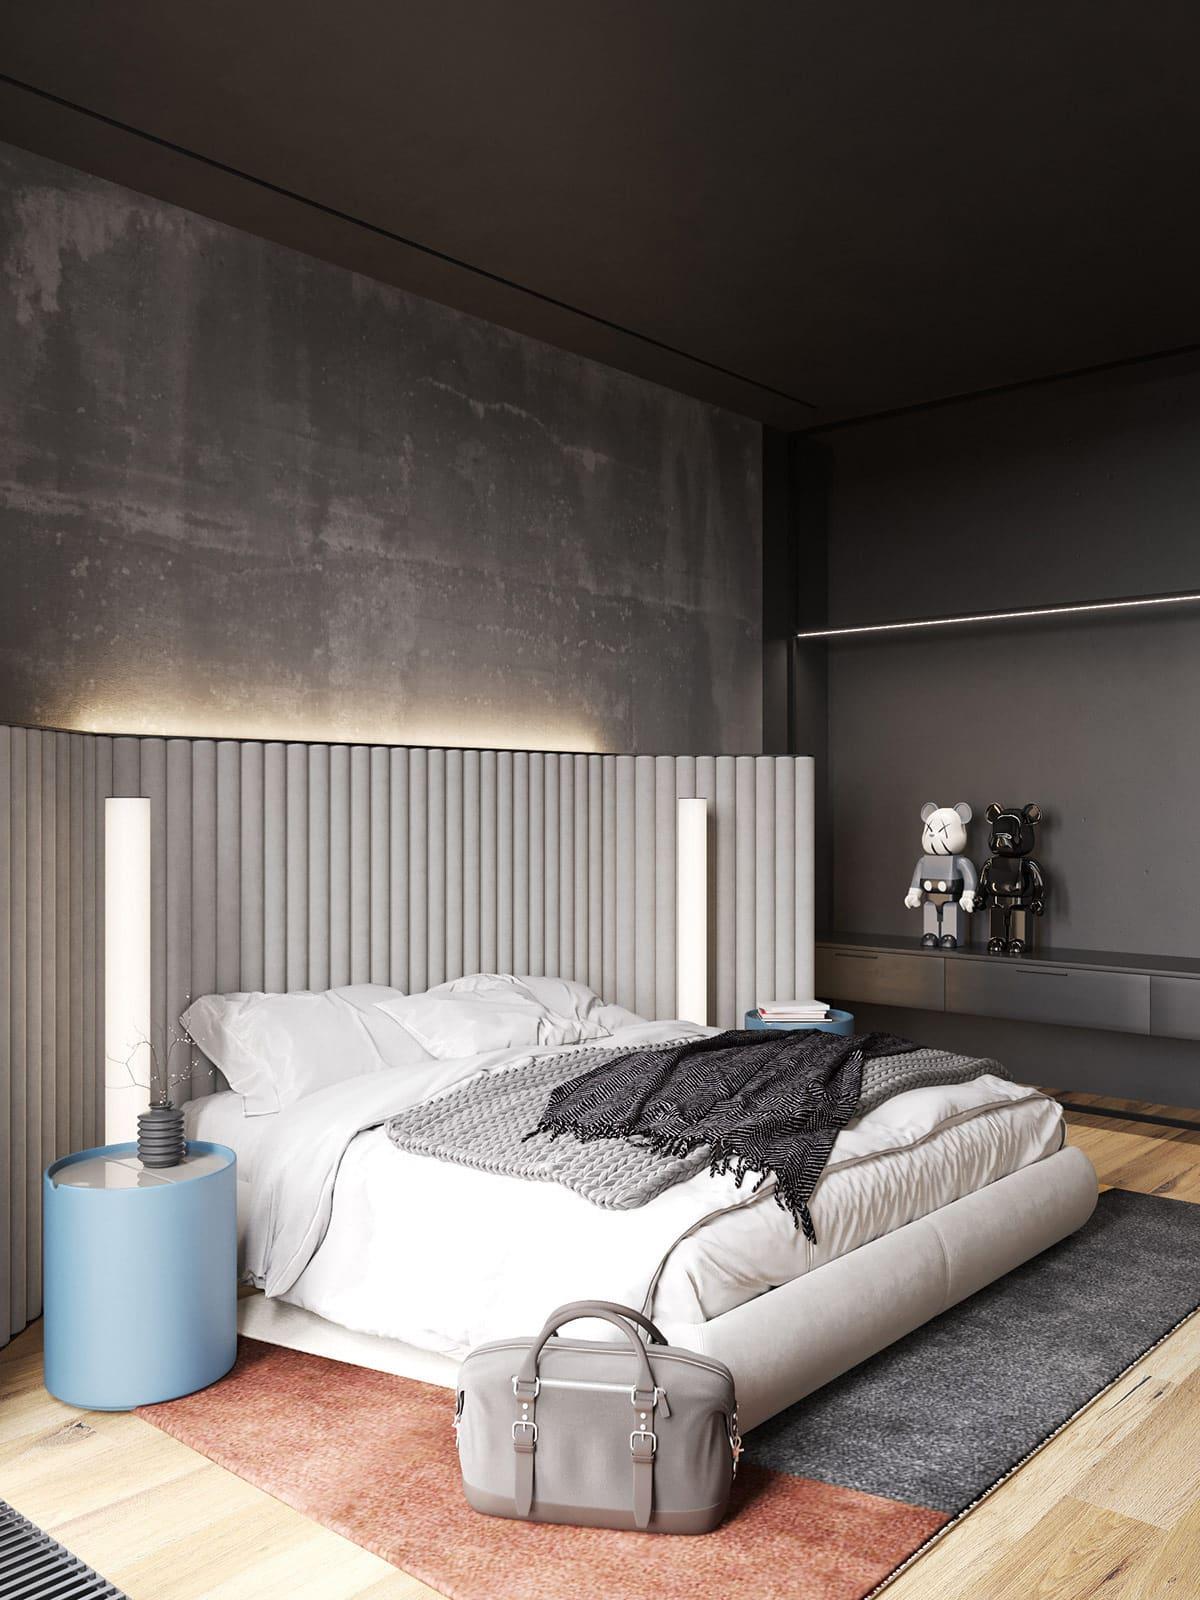 Le loft design fait de plus en plus d'adeptes cette année